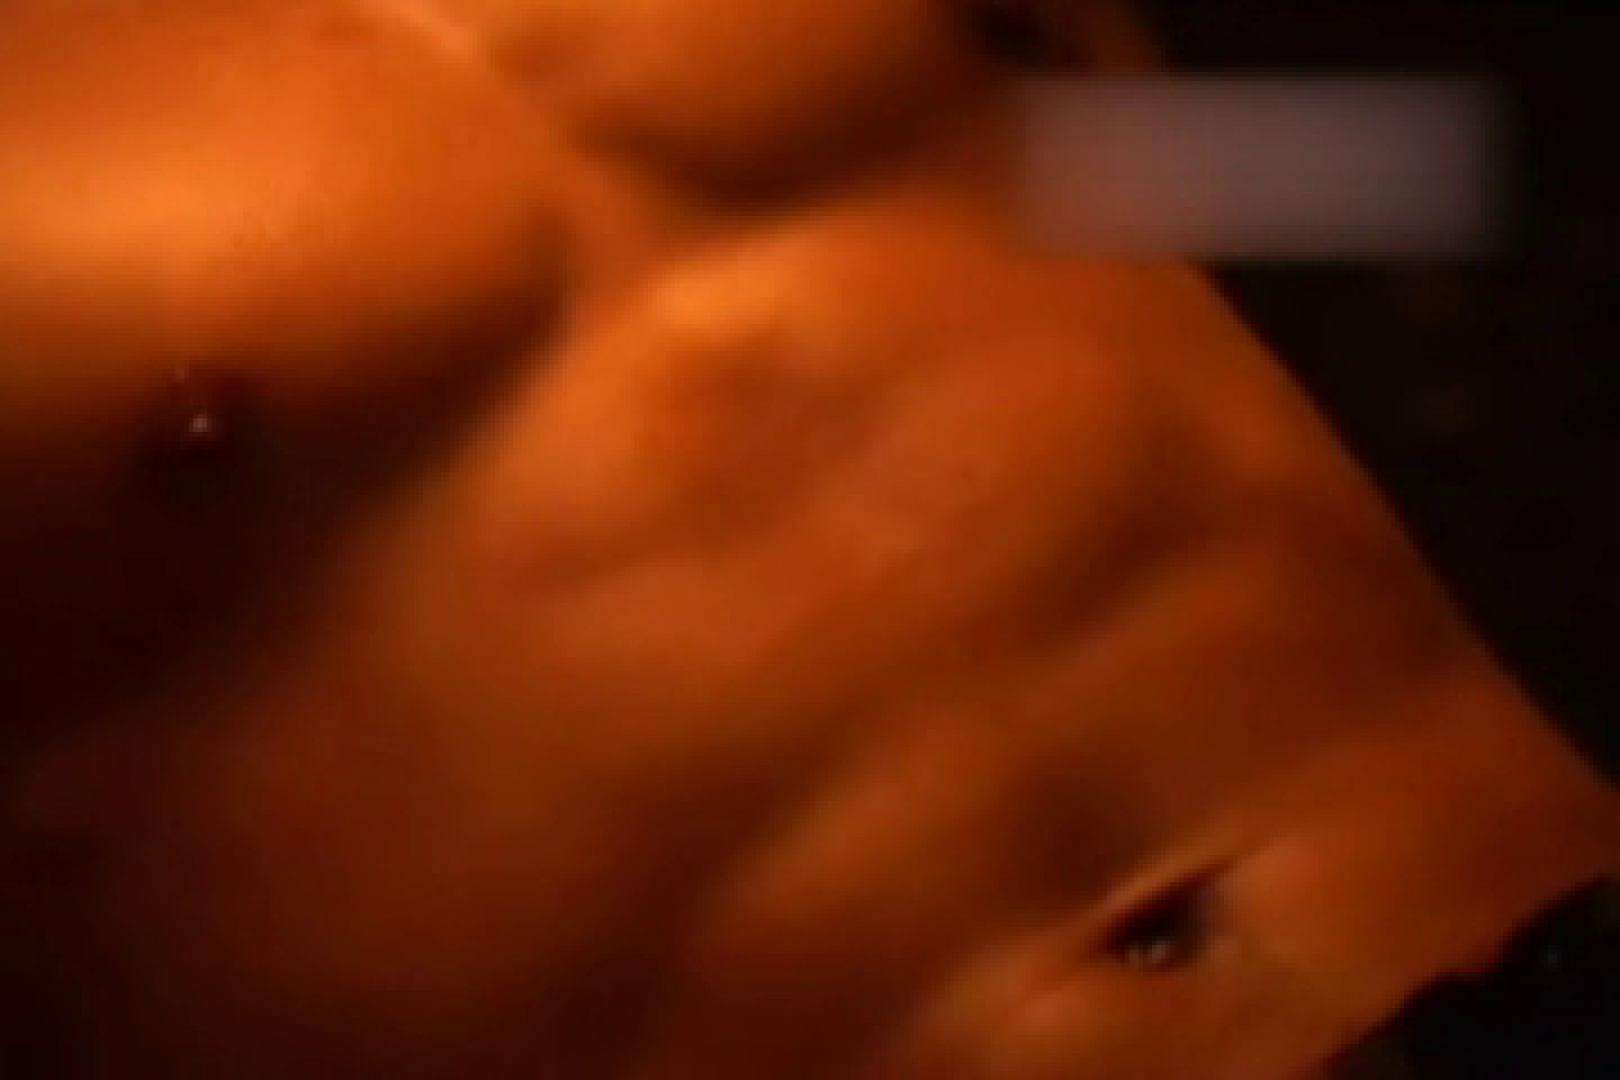 流出!!メンズスーパーモデル達のヌードinChina vol3 キン肉 ゲイヌード画像 92枚 48